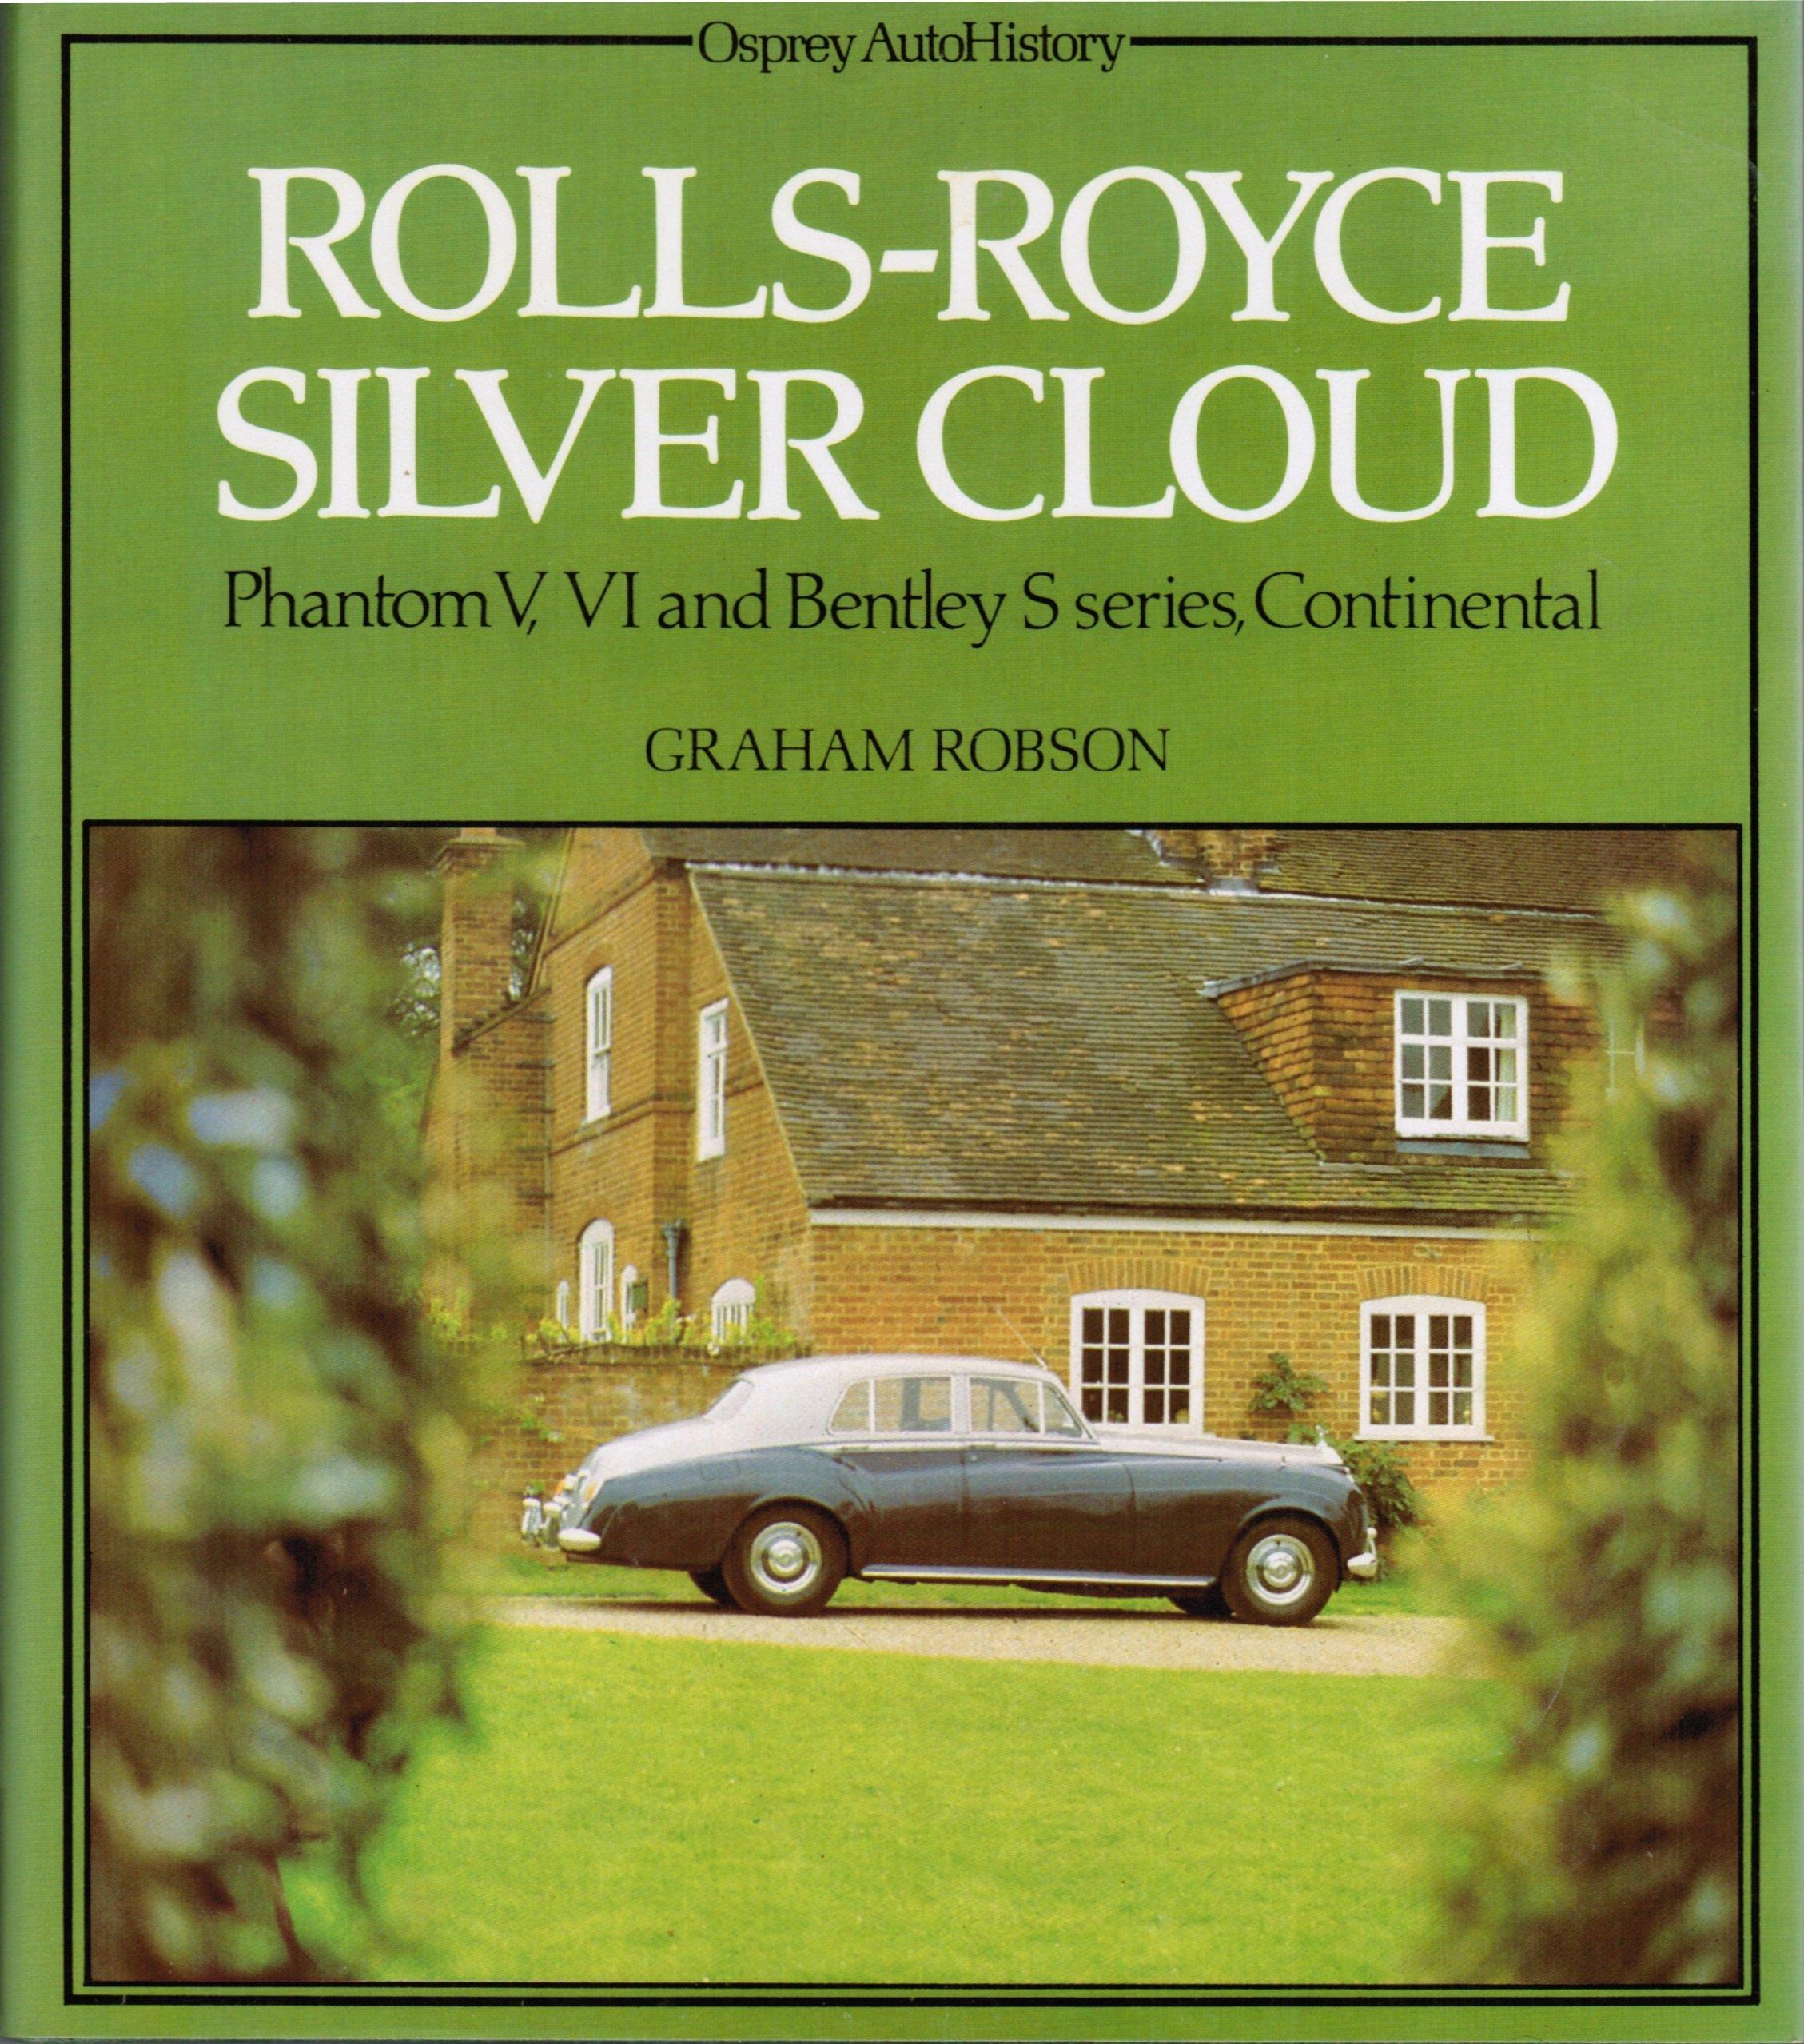 Read Online Rolls-Royce Silver Cloud (Osprey autohistory) pdf